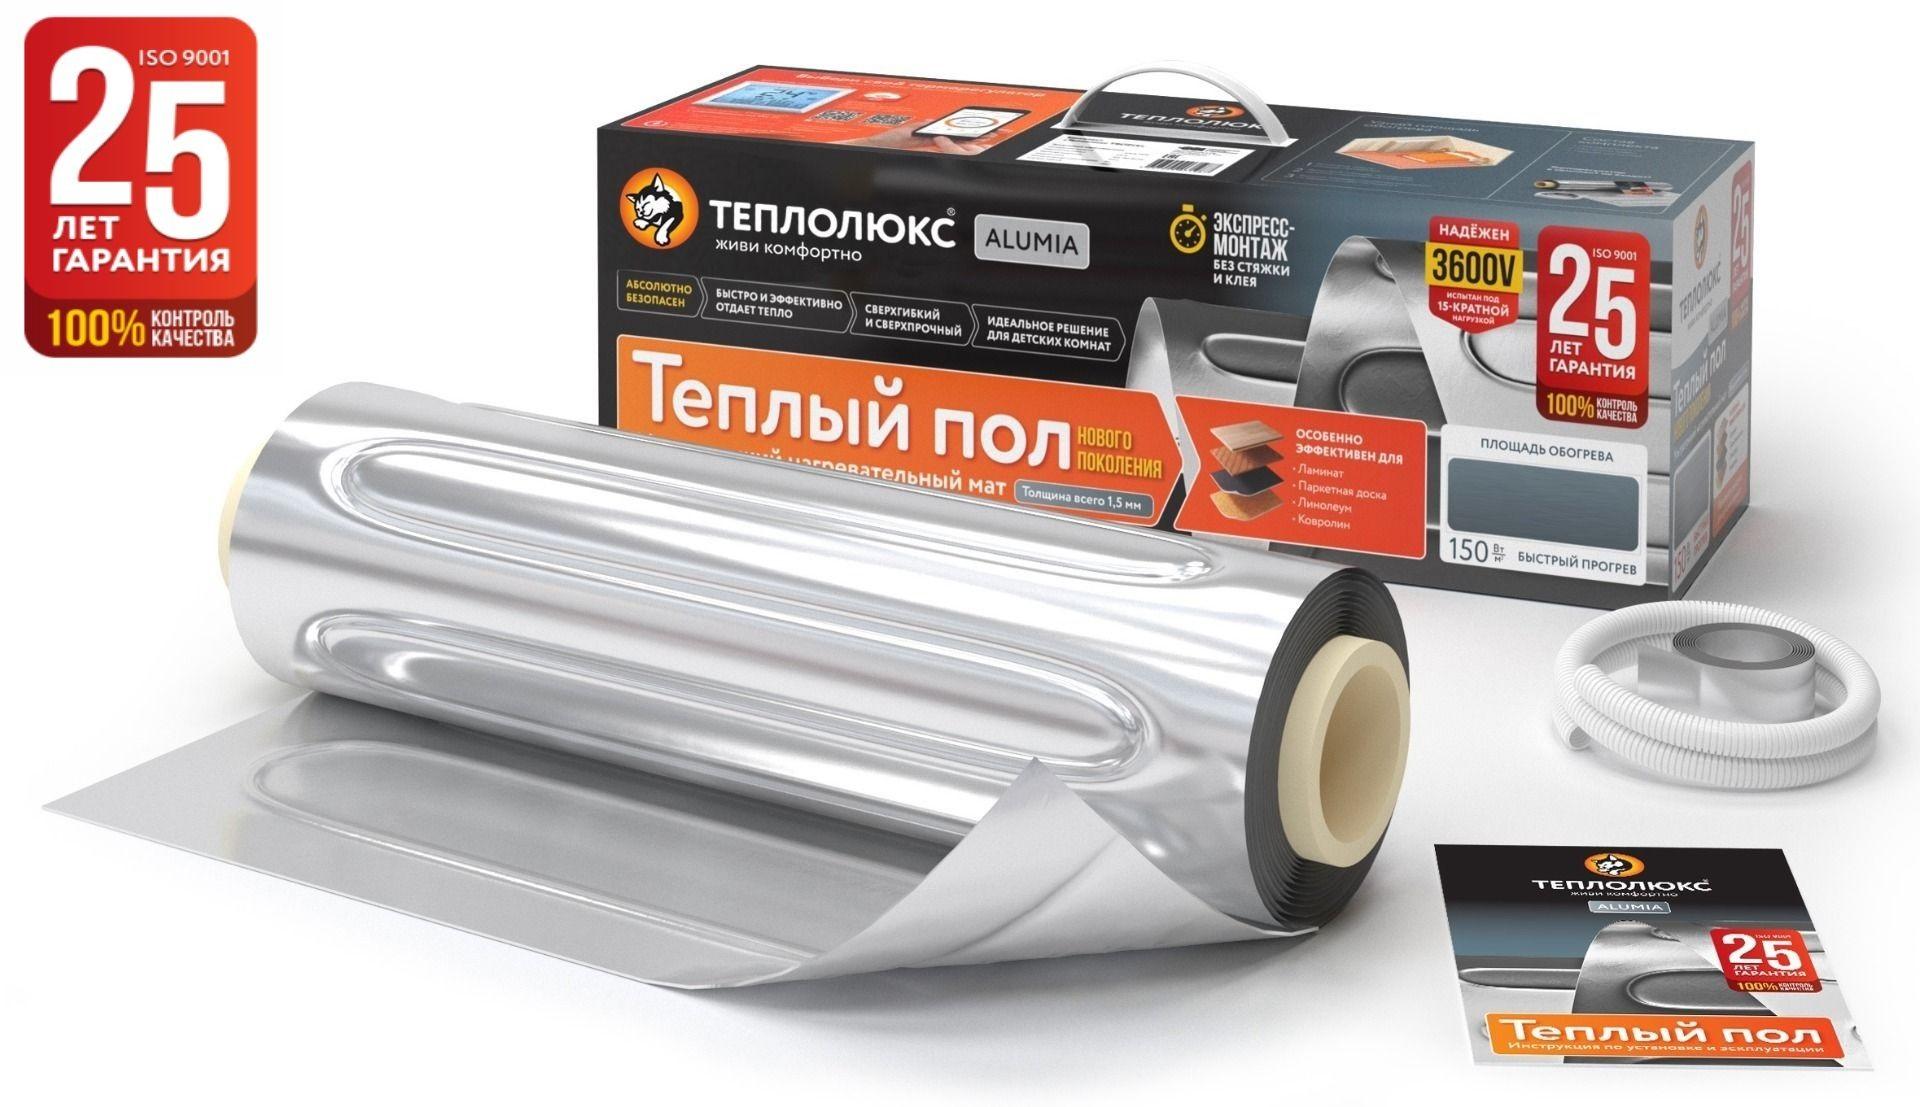 Нагревательный мат Теплолюкс Alumia 750 Вт/5,0 кв.м 2206812